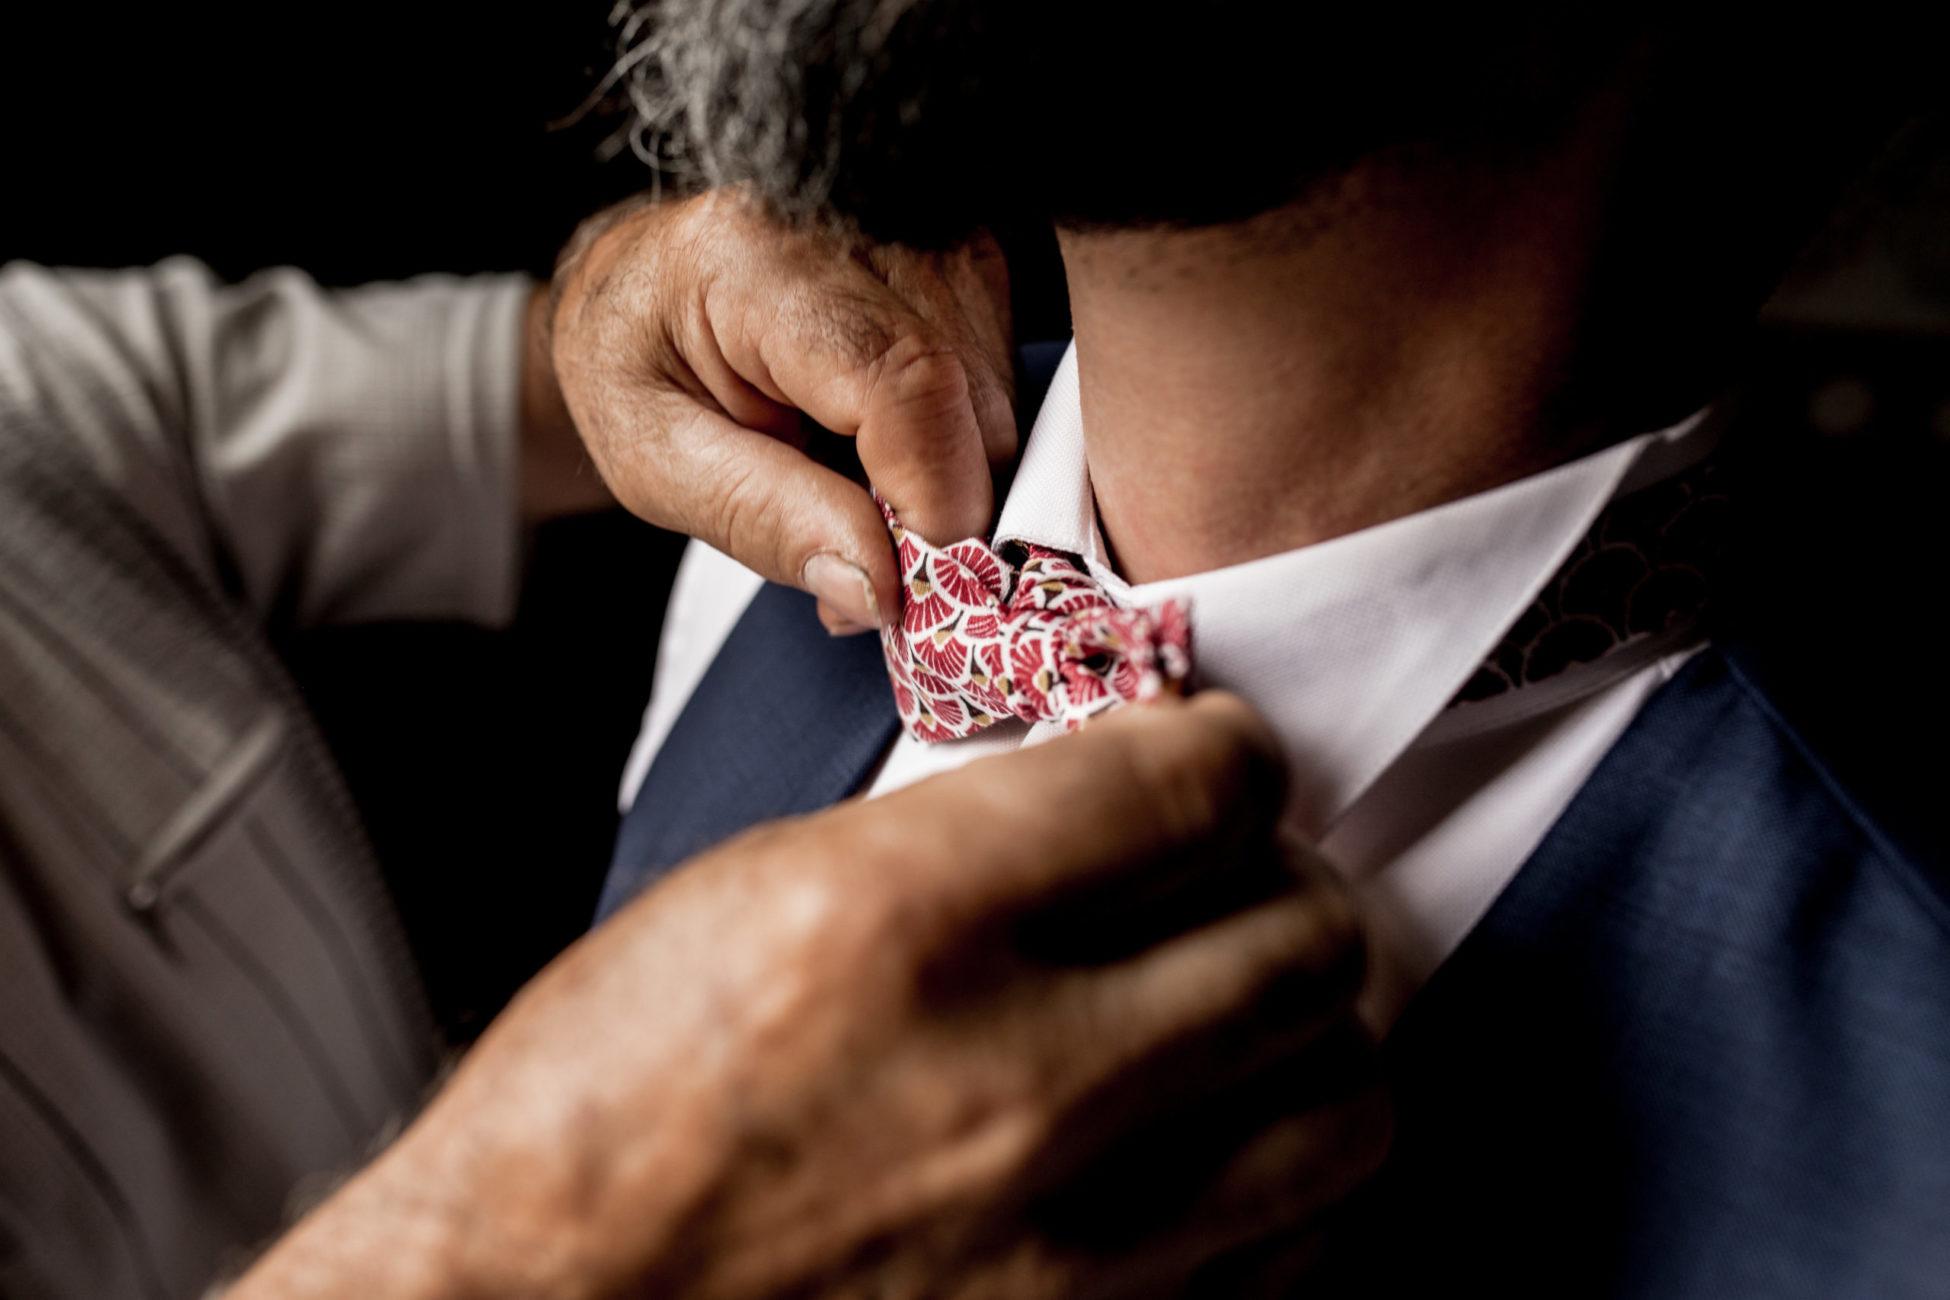 dalale shoeir photographe mariage